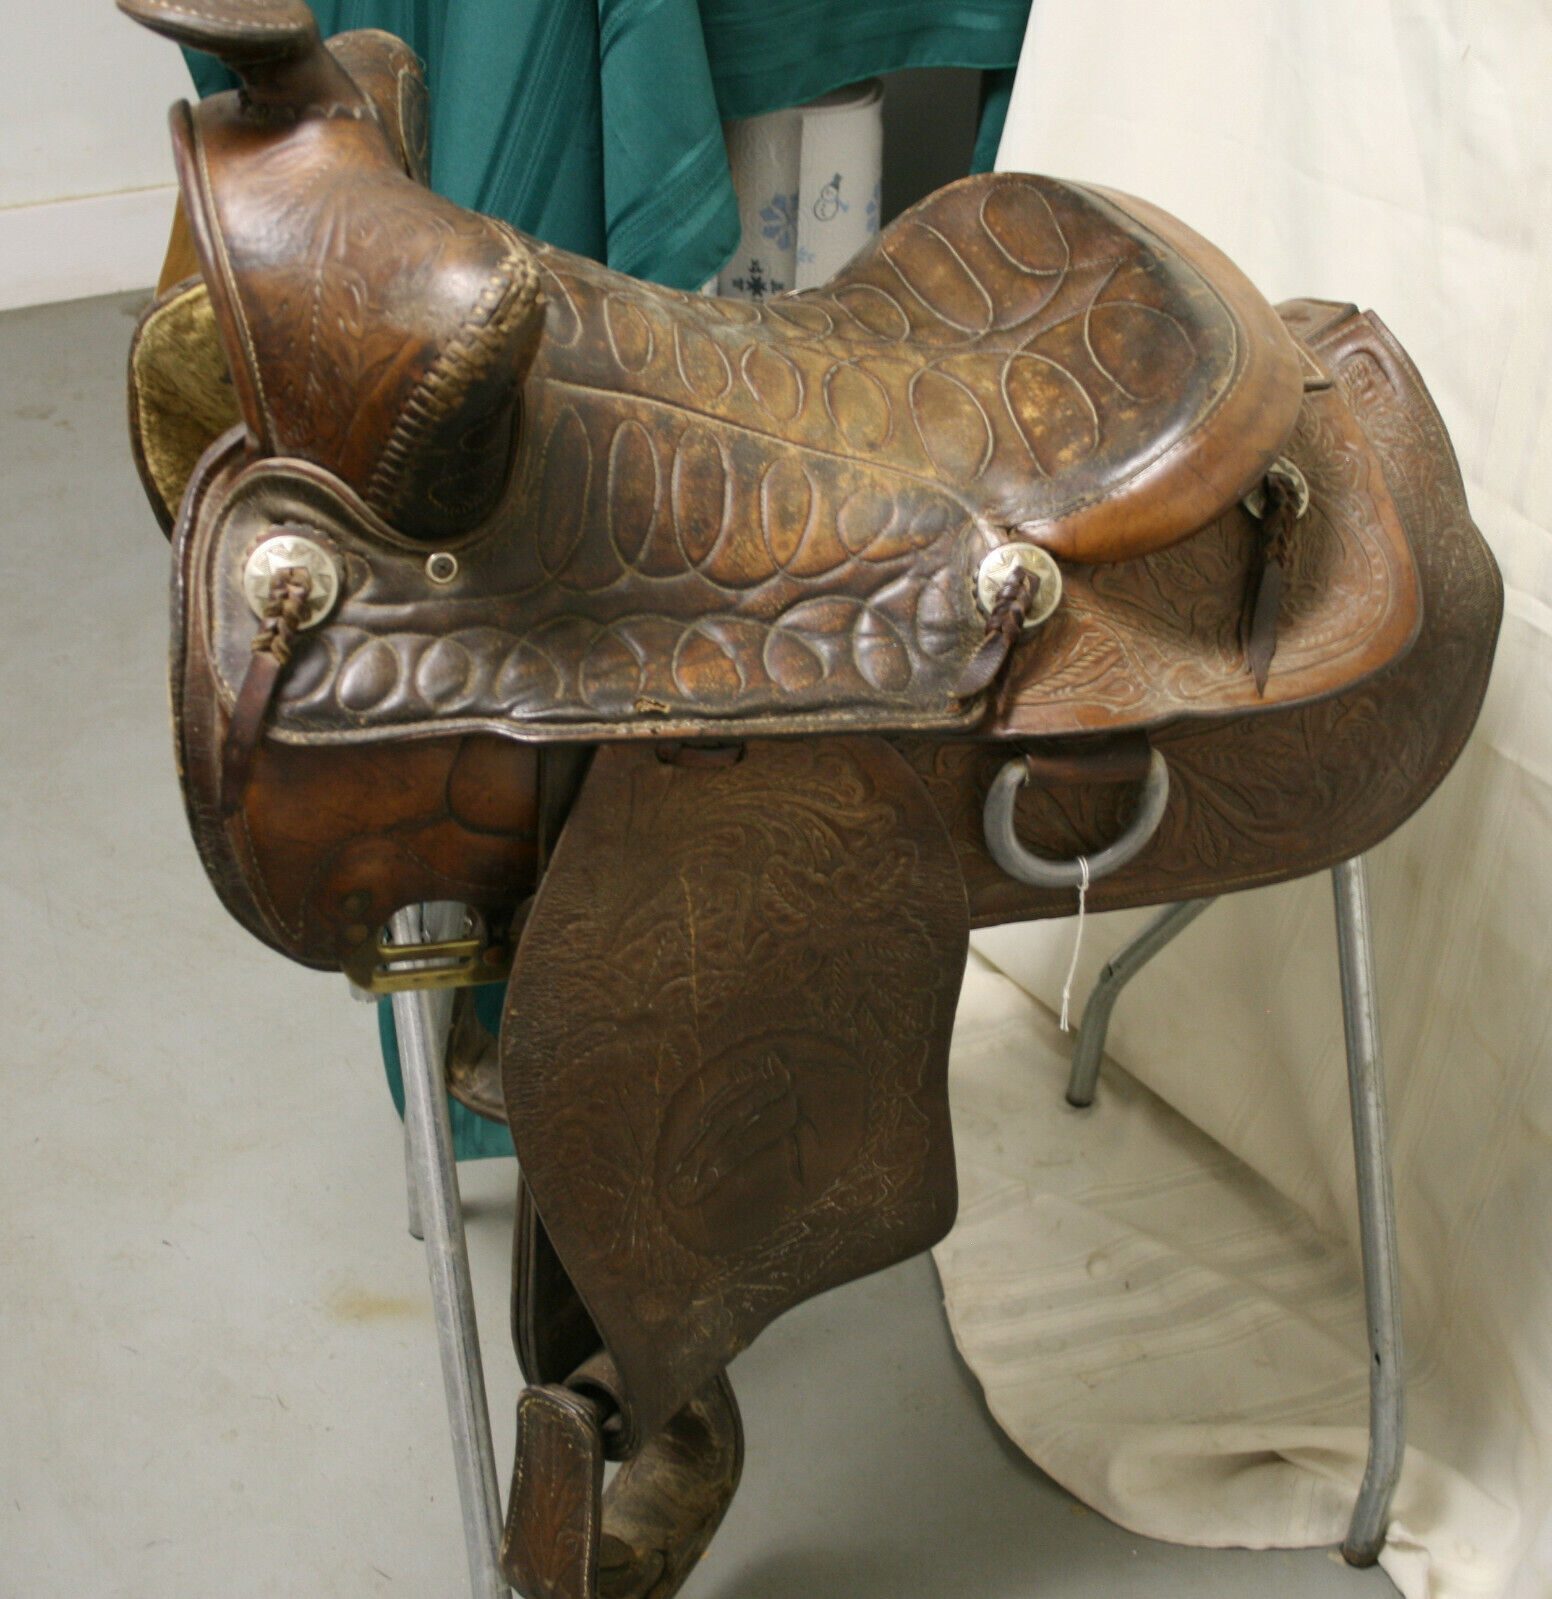 Utiliza árabe occidental Trail asiento de silla de  montar - 15.5   hasta 42% de descuento